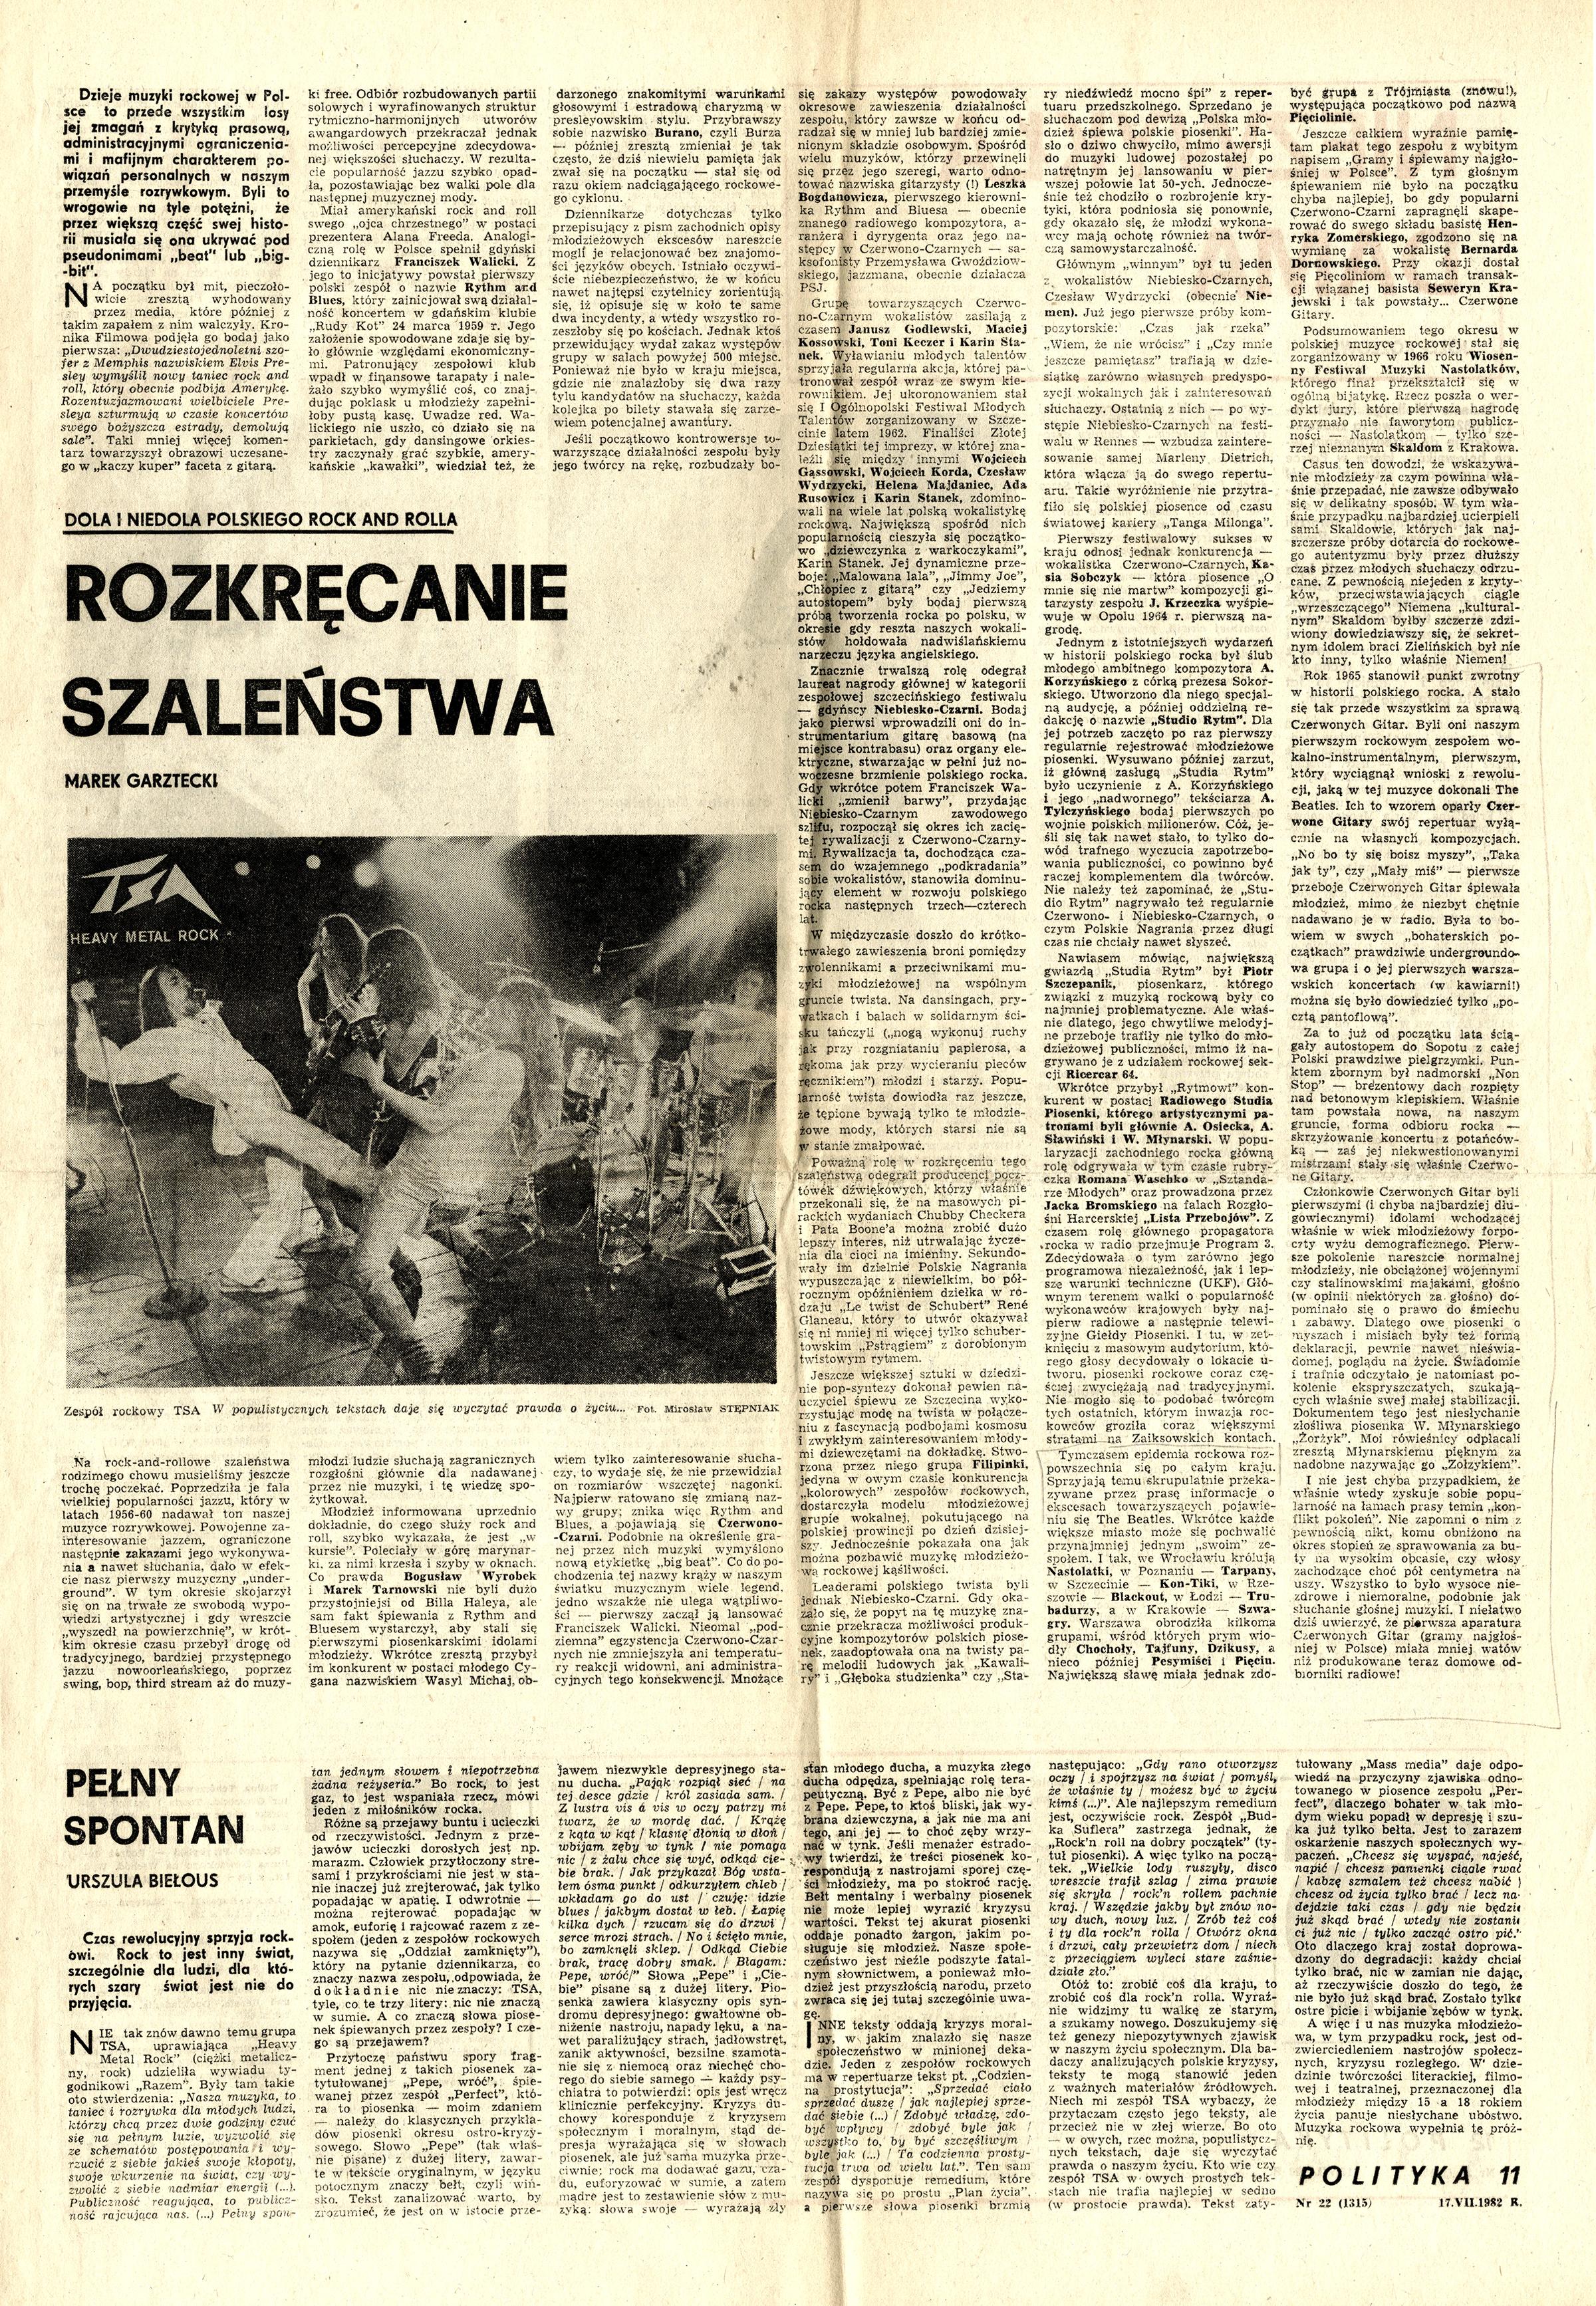 1979-1990_Polityka_1982_Artykul_o_istori_muzyki_rokowej_w_polsce_w_tym_CzG-recanie_Szalenswa_01a-